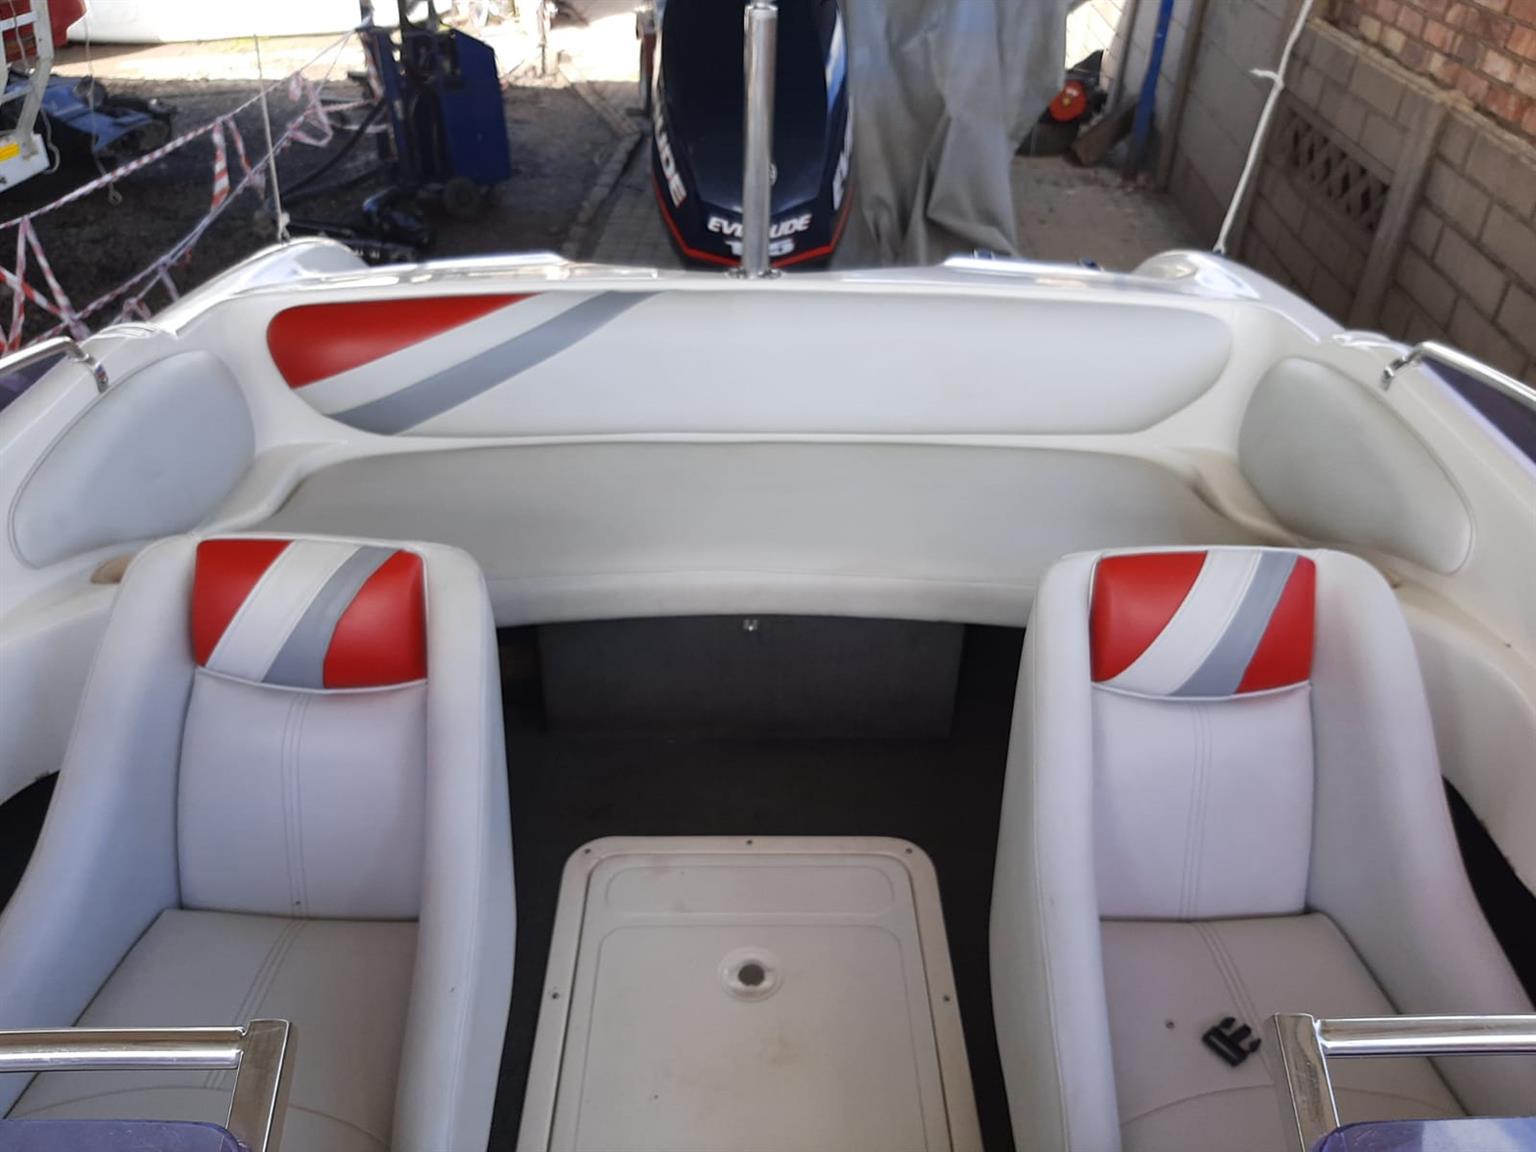 Velocity 115 etec boat